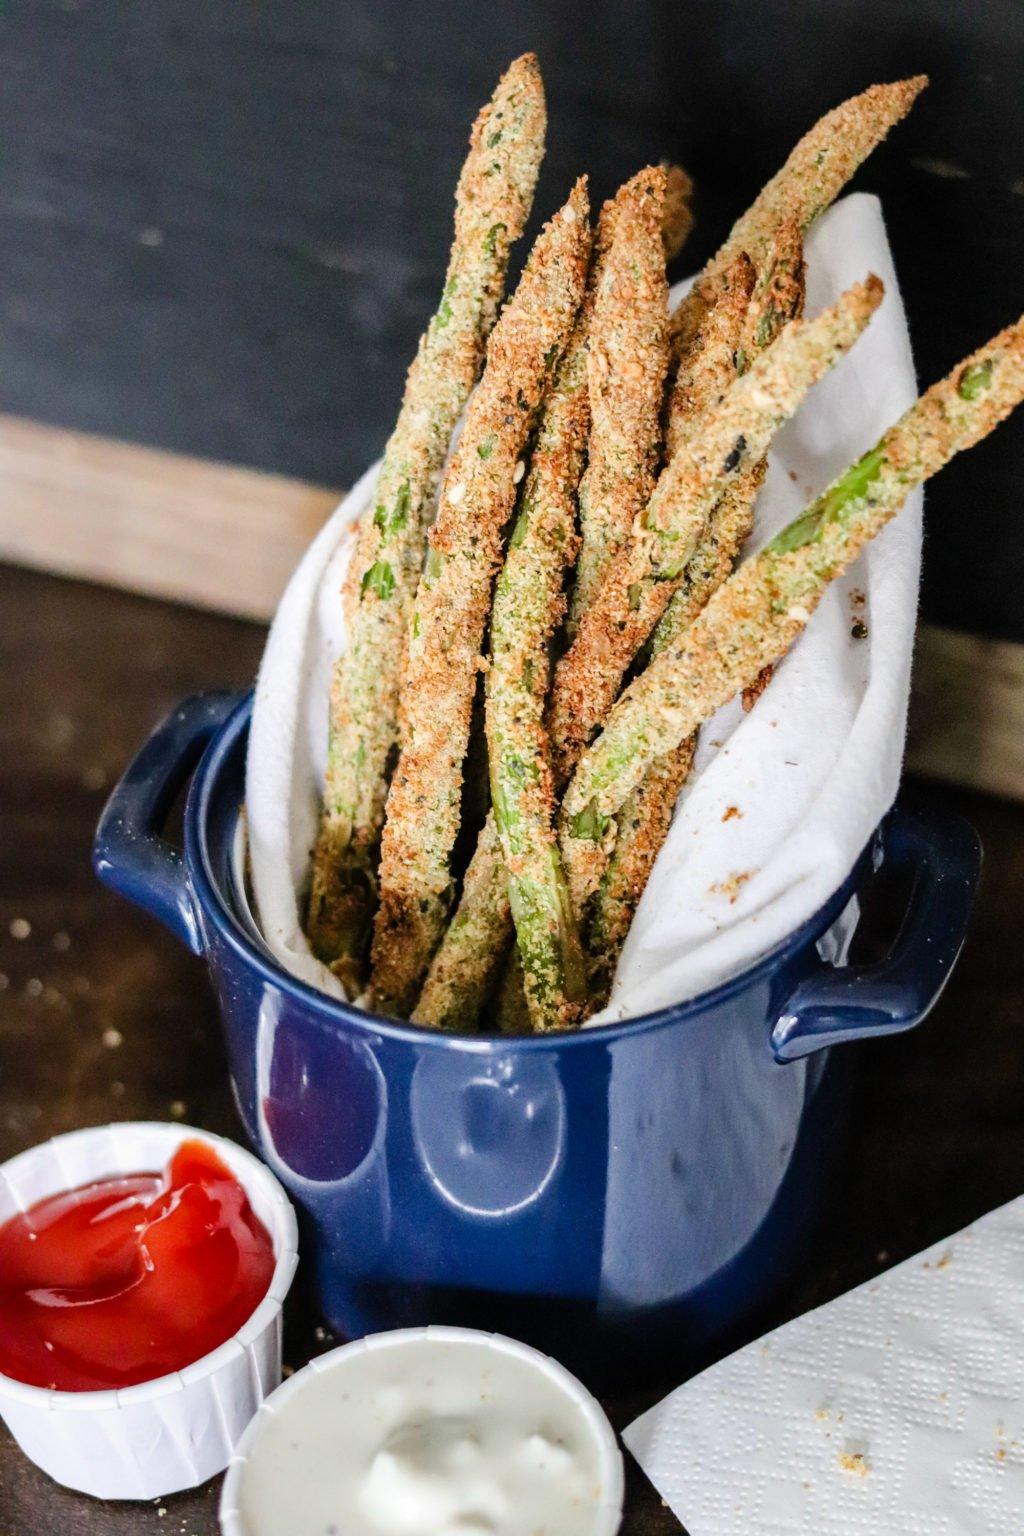 Asparagus Air Fryer Recipes